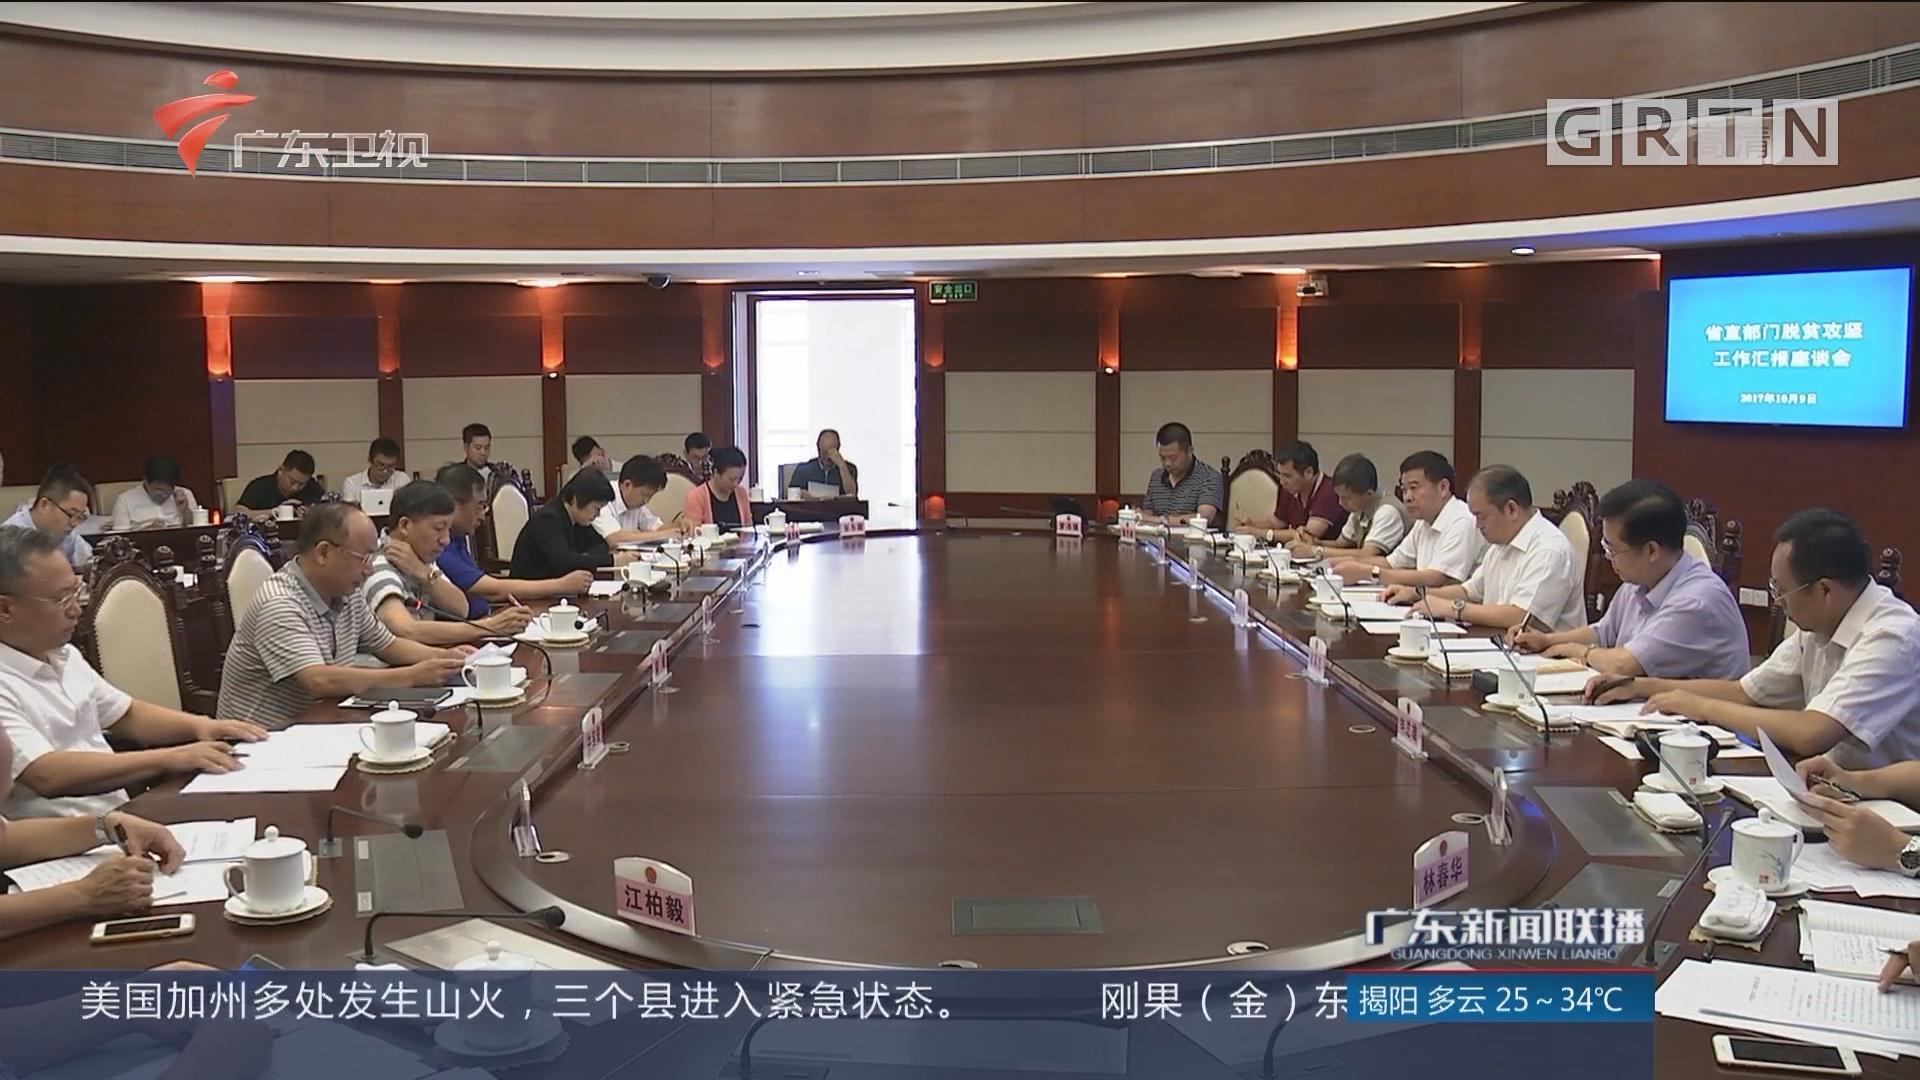 广东省人大常委会召开脱贫攻坚工作汇报座谈会